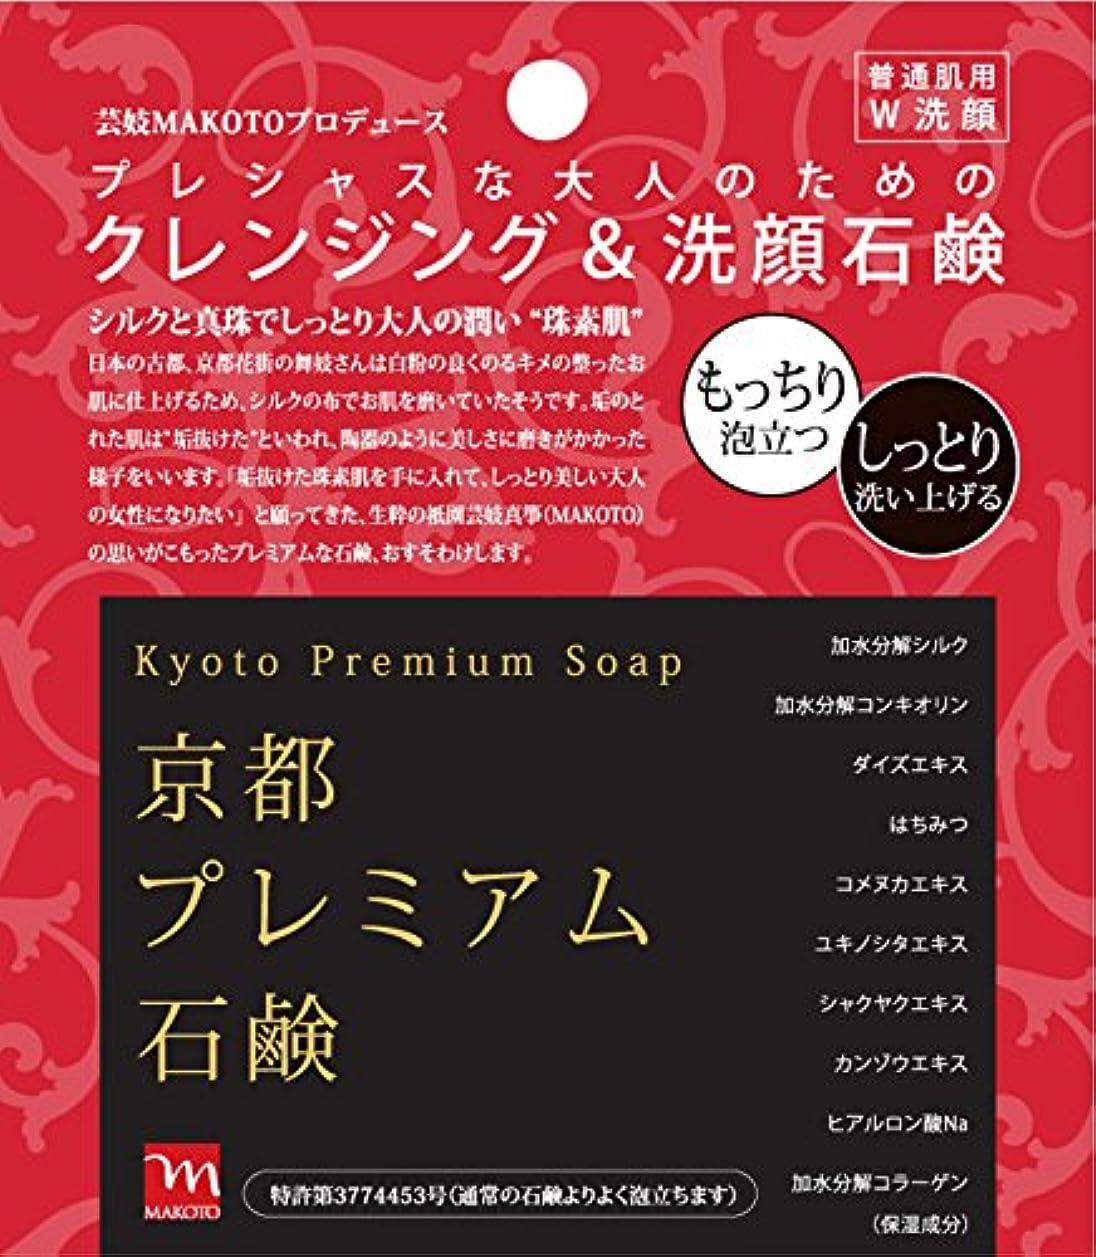 京都プレミアム石鹸 クレンジング&洗顔石鹸 しっとり もっちり 芸妓さん監修